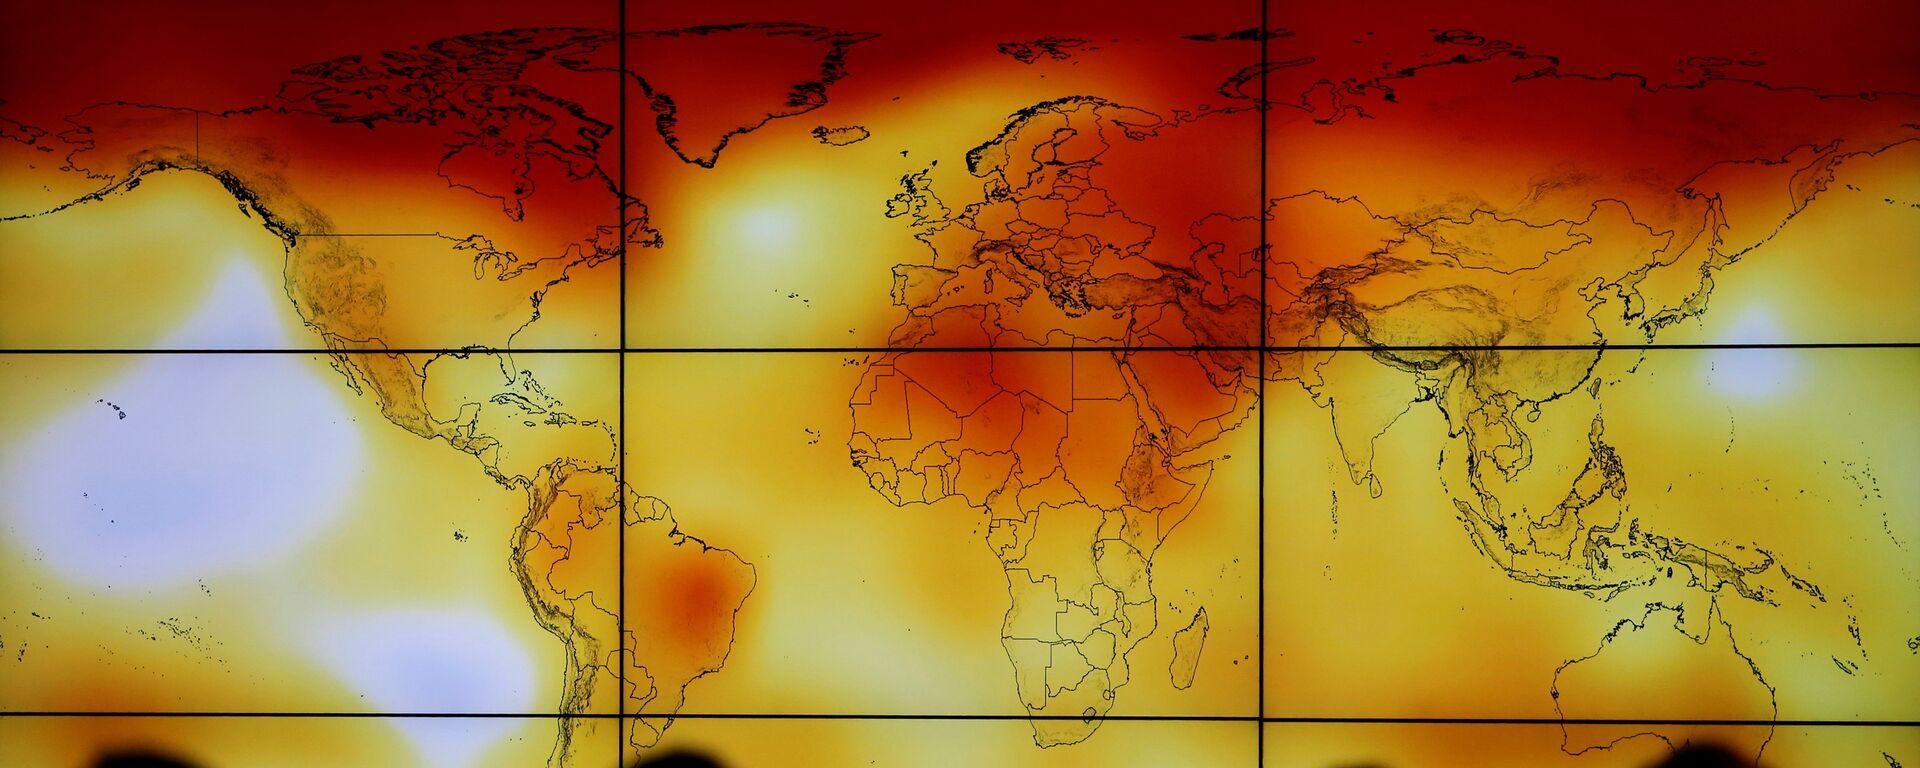 El cambio climático (imagen referencial) - Sputnik Mundo, 1920, 17.11.2020